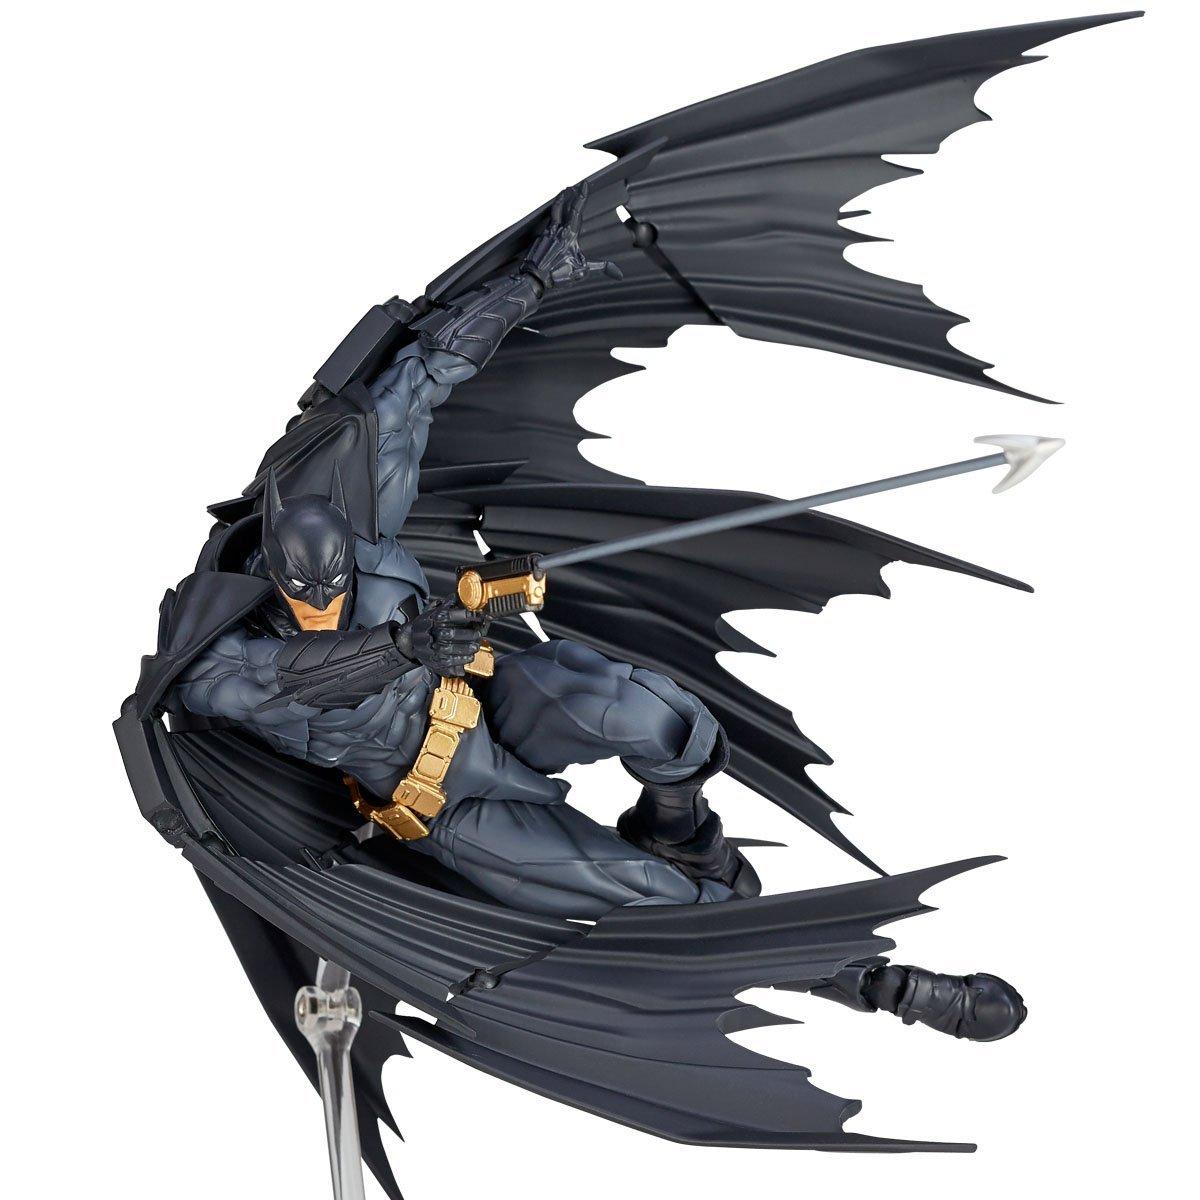 画像1: フィギュアコンプレックス アメイジングヤマグチ powered by リボルテック 「BATMAN バットマン」